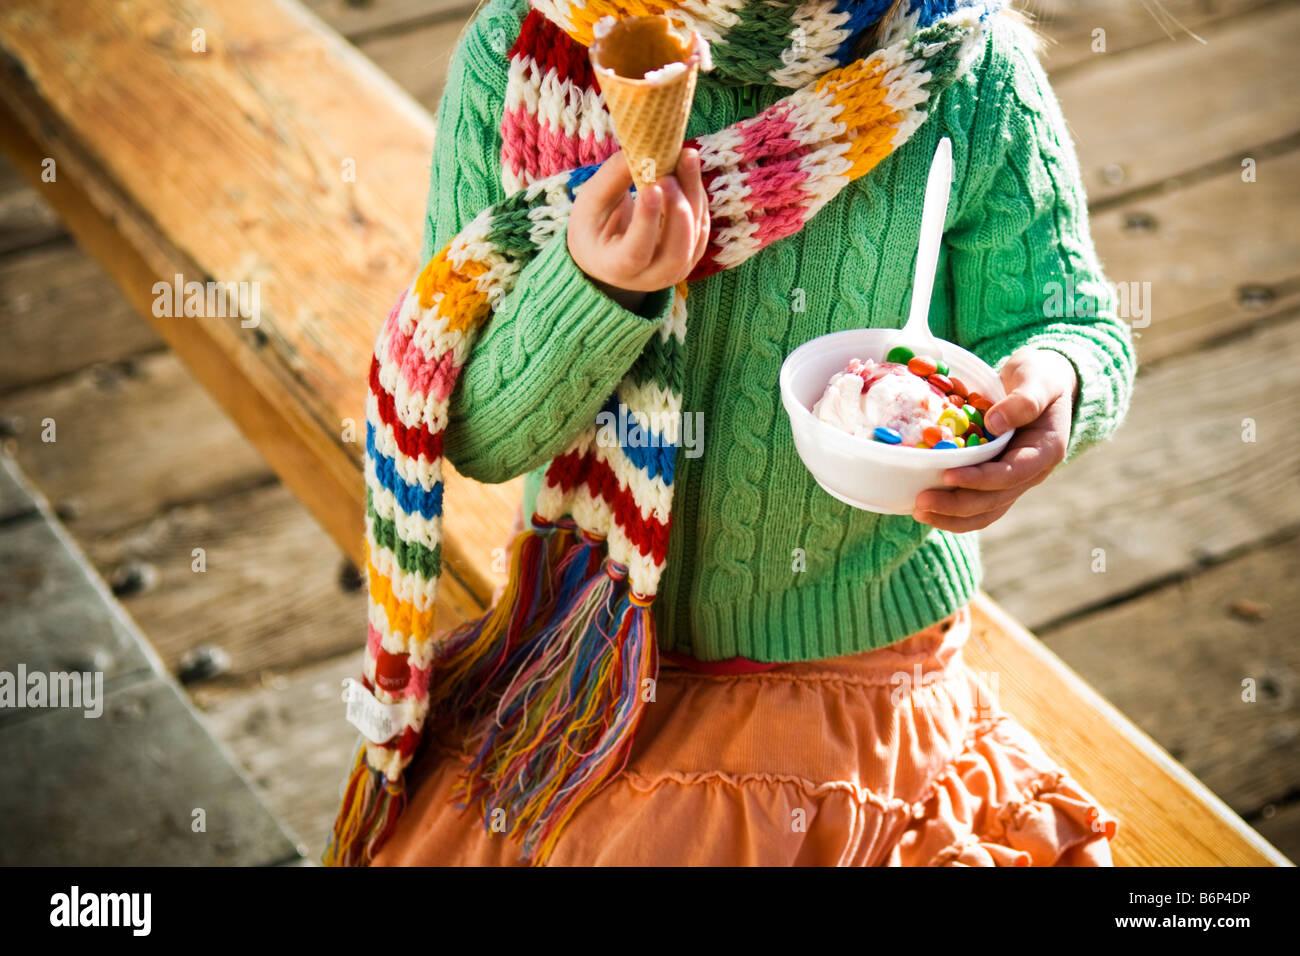 Una niña, de 4-5 años, disfruta de una taza de helado y m&M's en un día frío. Foto de stock